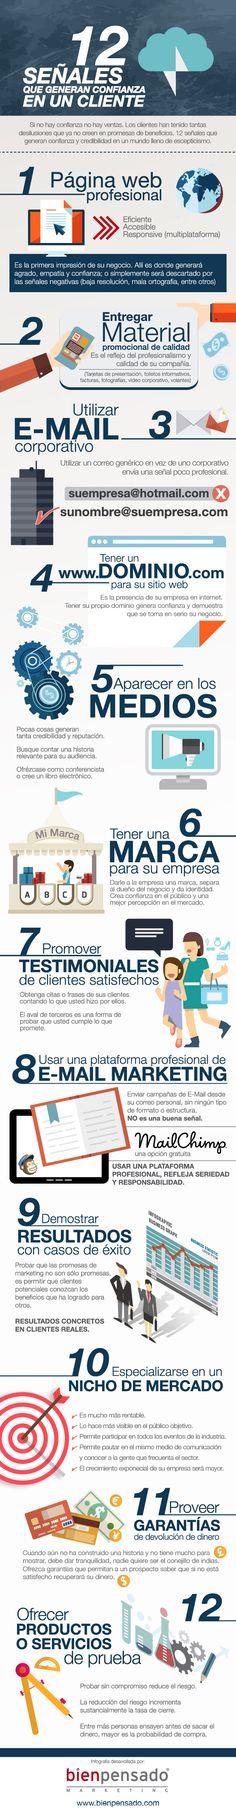 12 señales que generan confianza en un cliente #infografia #infographic #marketing